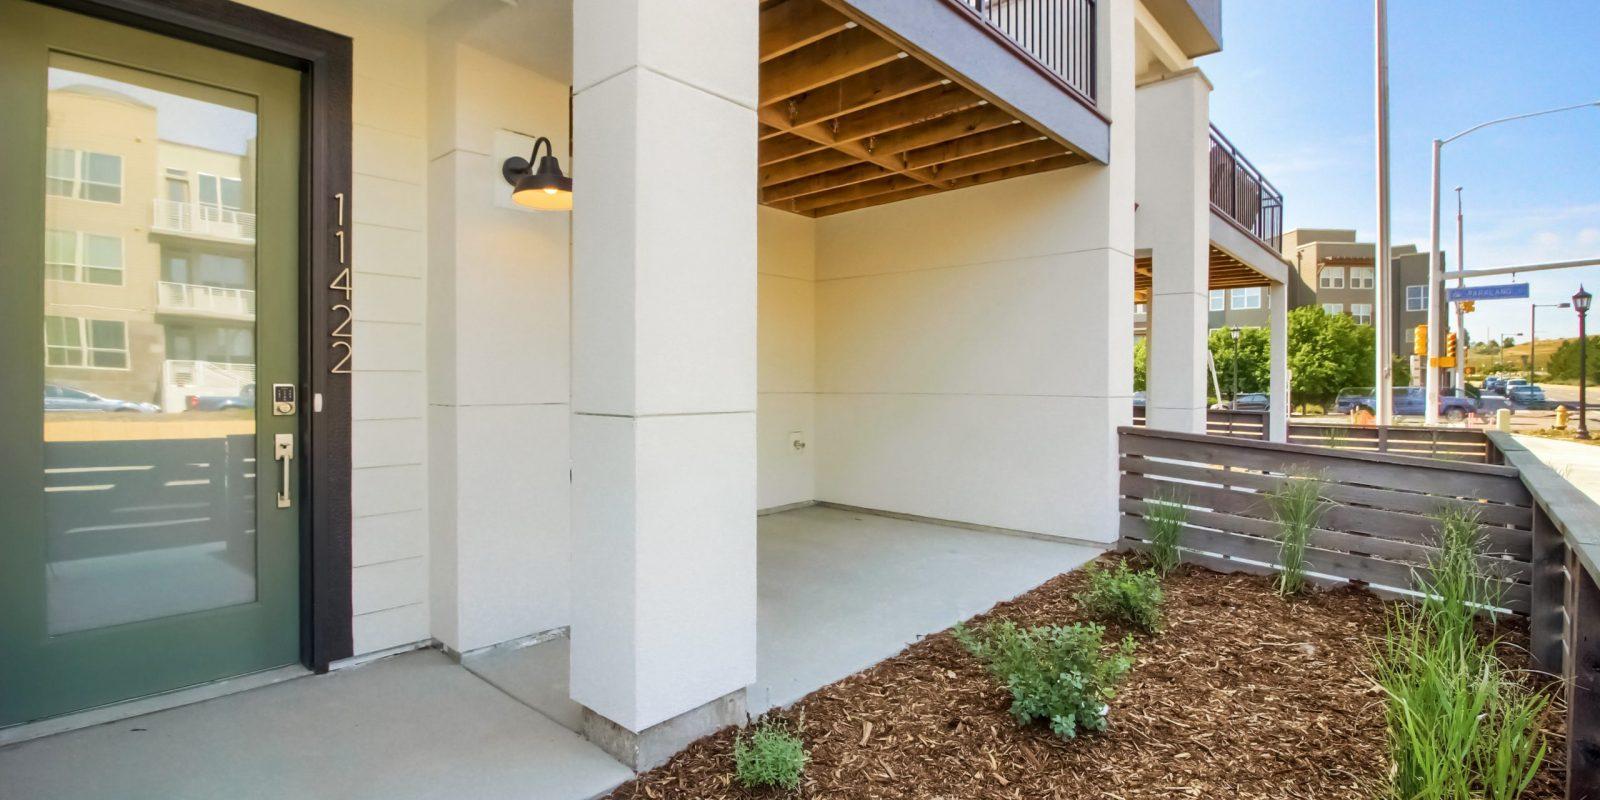 Arista - Lower Patio & Fenced Yard